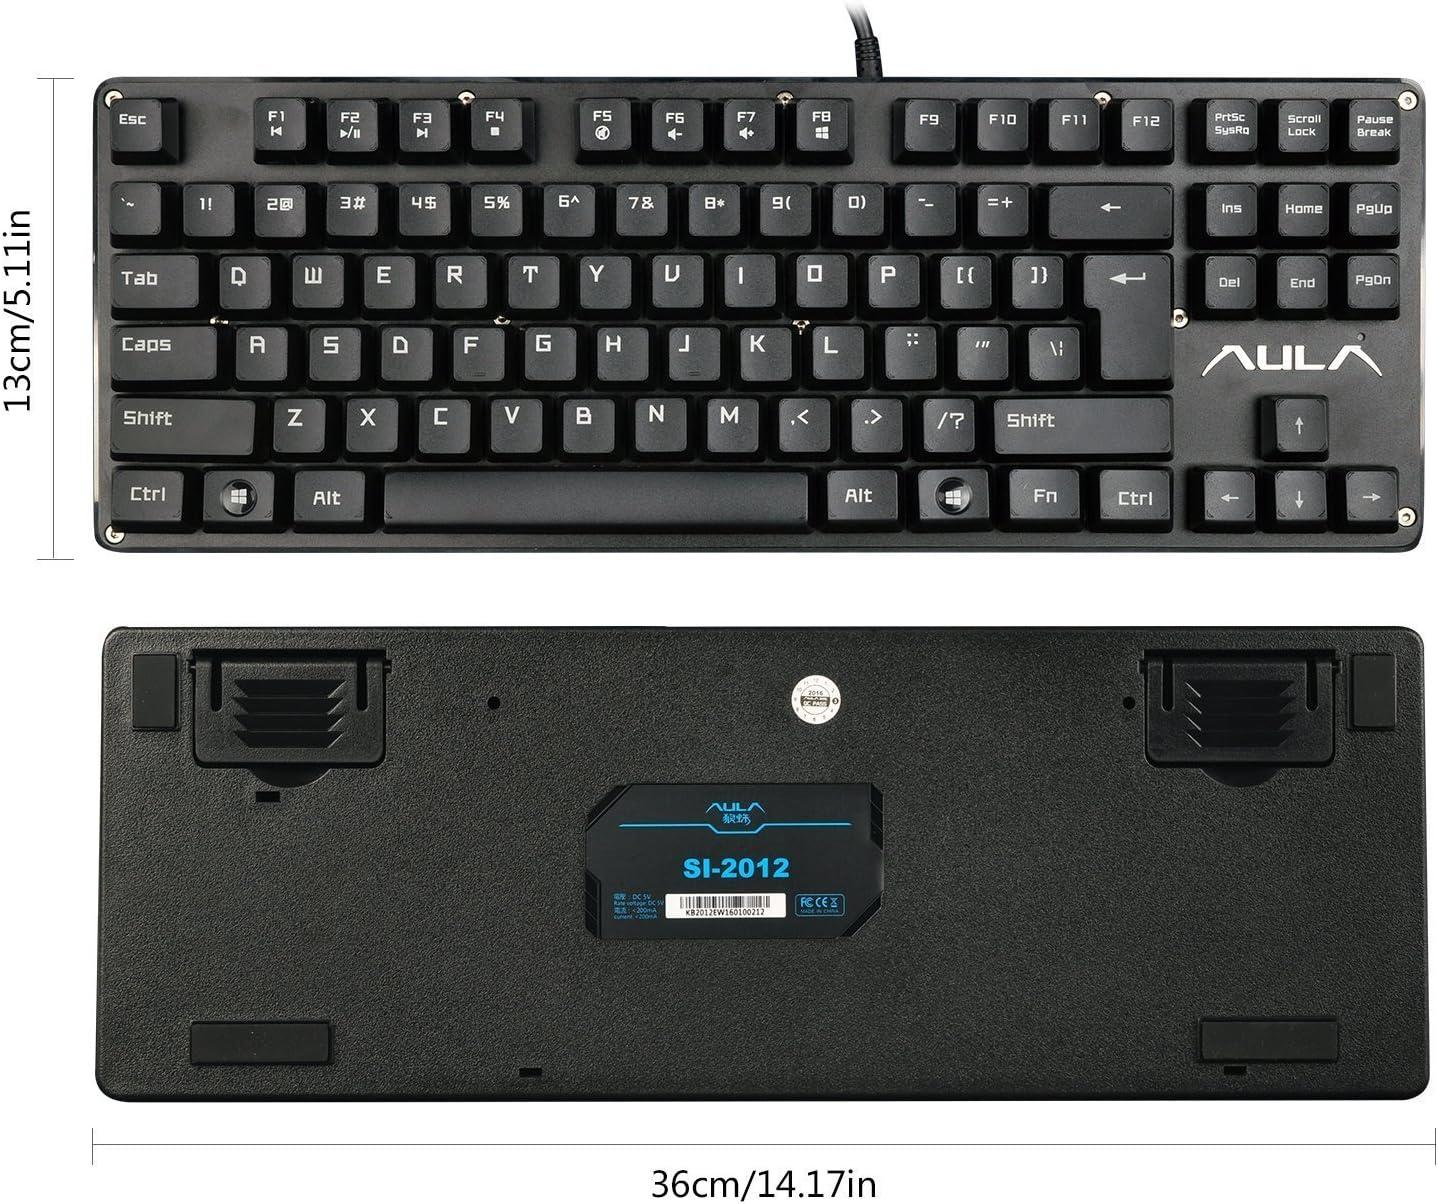 Uso Domestico intrattenimento di Gioco Denash Tastiera Meccanica da Gioco Tastiera Mute cablata USB con 104 Tasti per Ufficio Aziendale